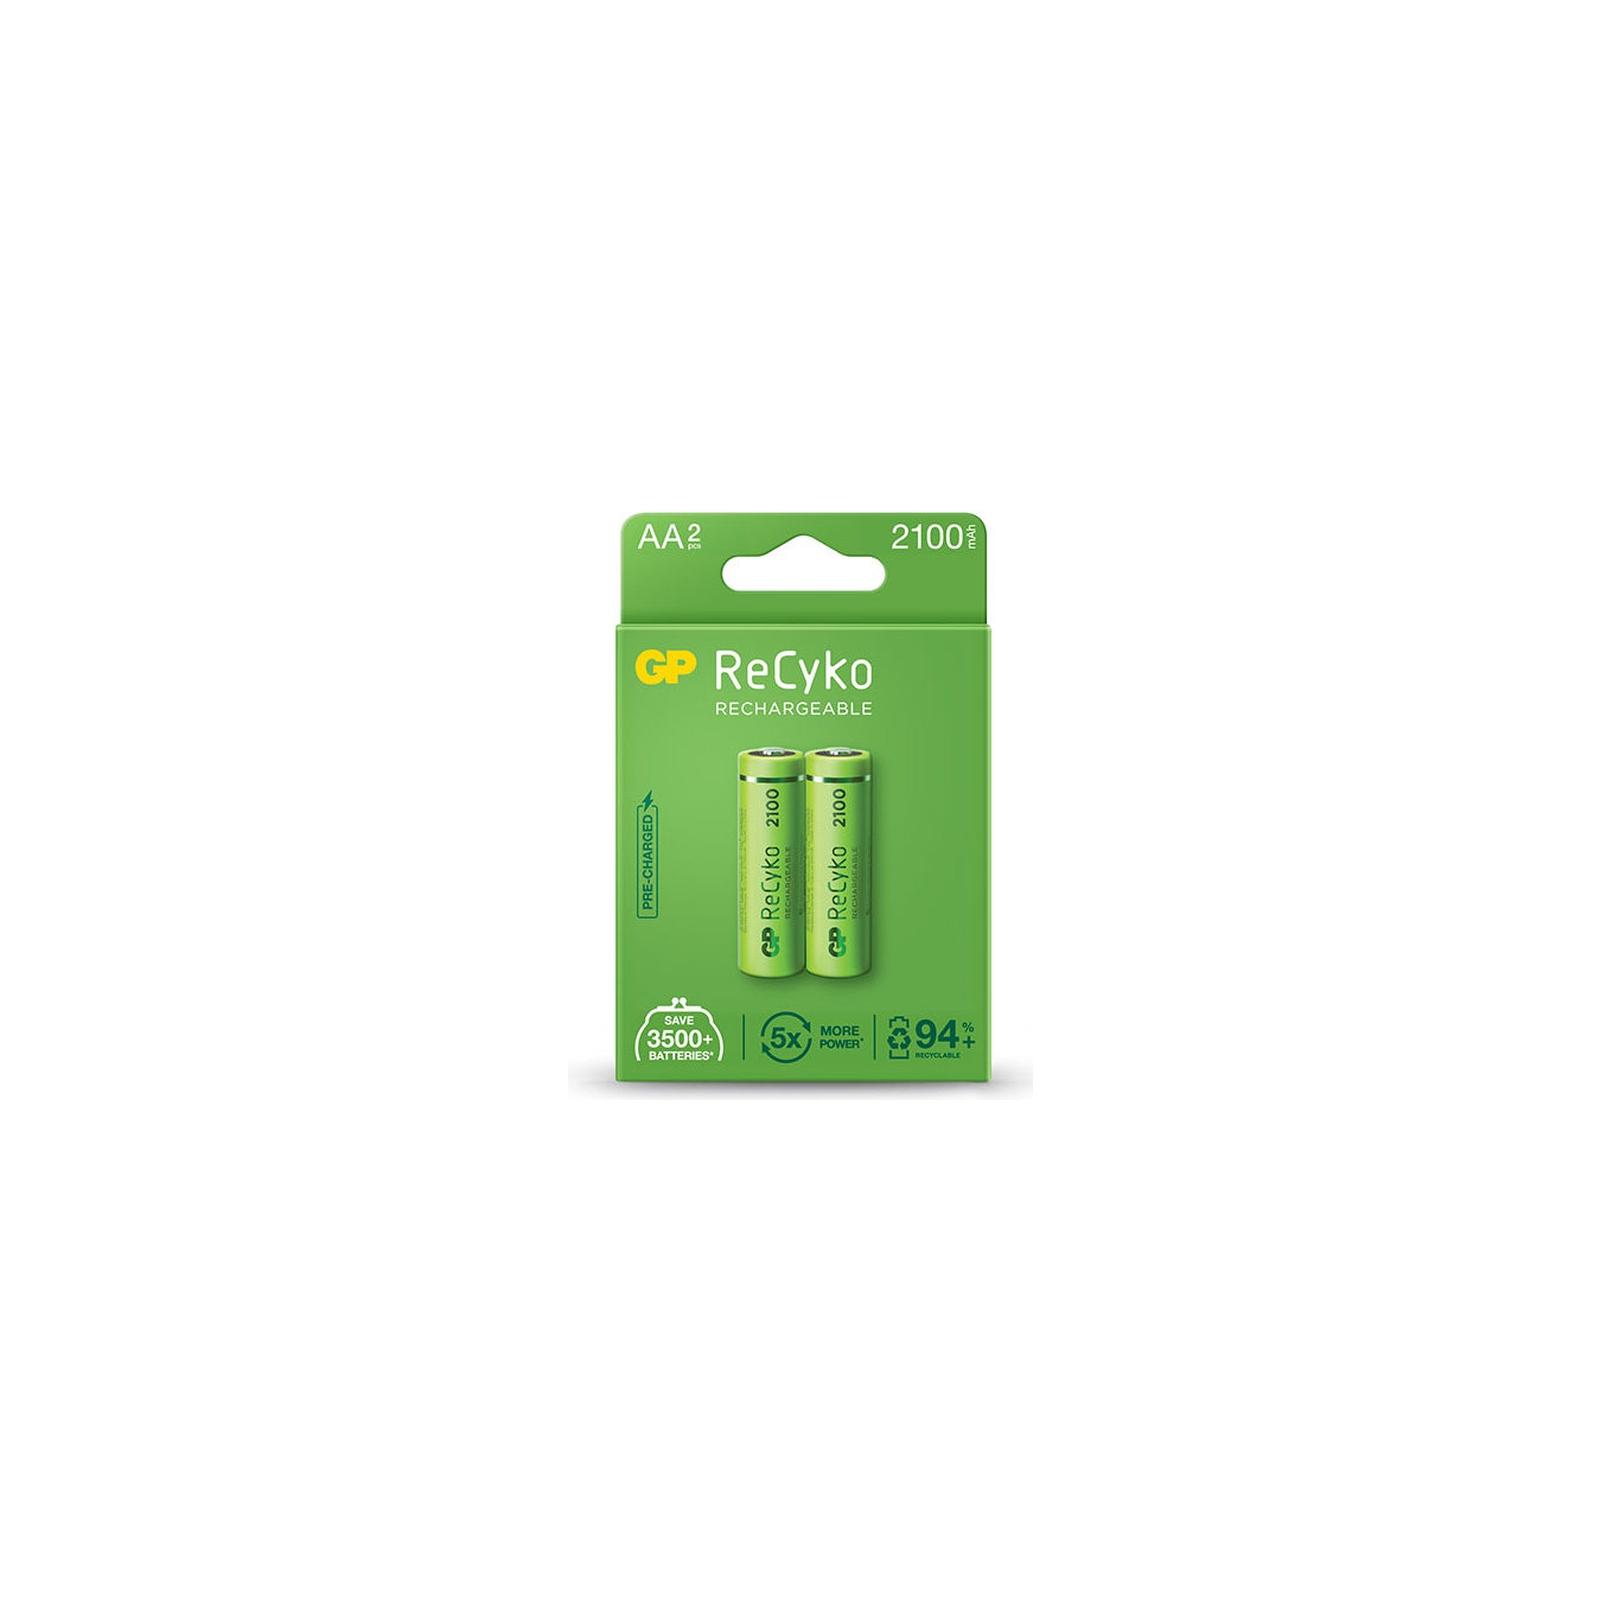 Аккумулятор AA ReCyko+ 2100mAh * 2 Gp (210AAHCE-U2 / 210AAHCB-C2)